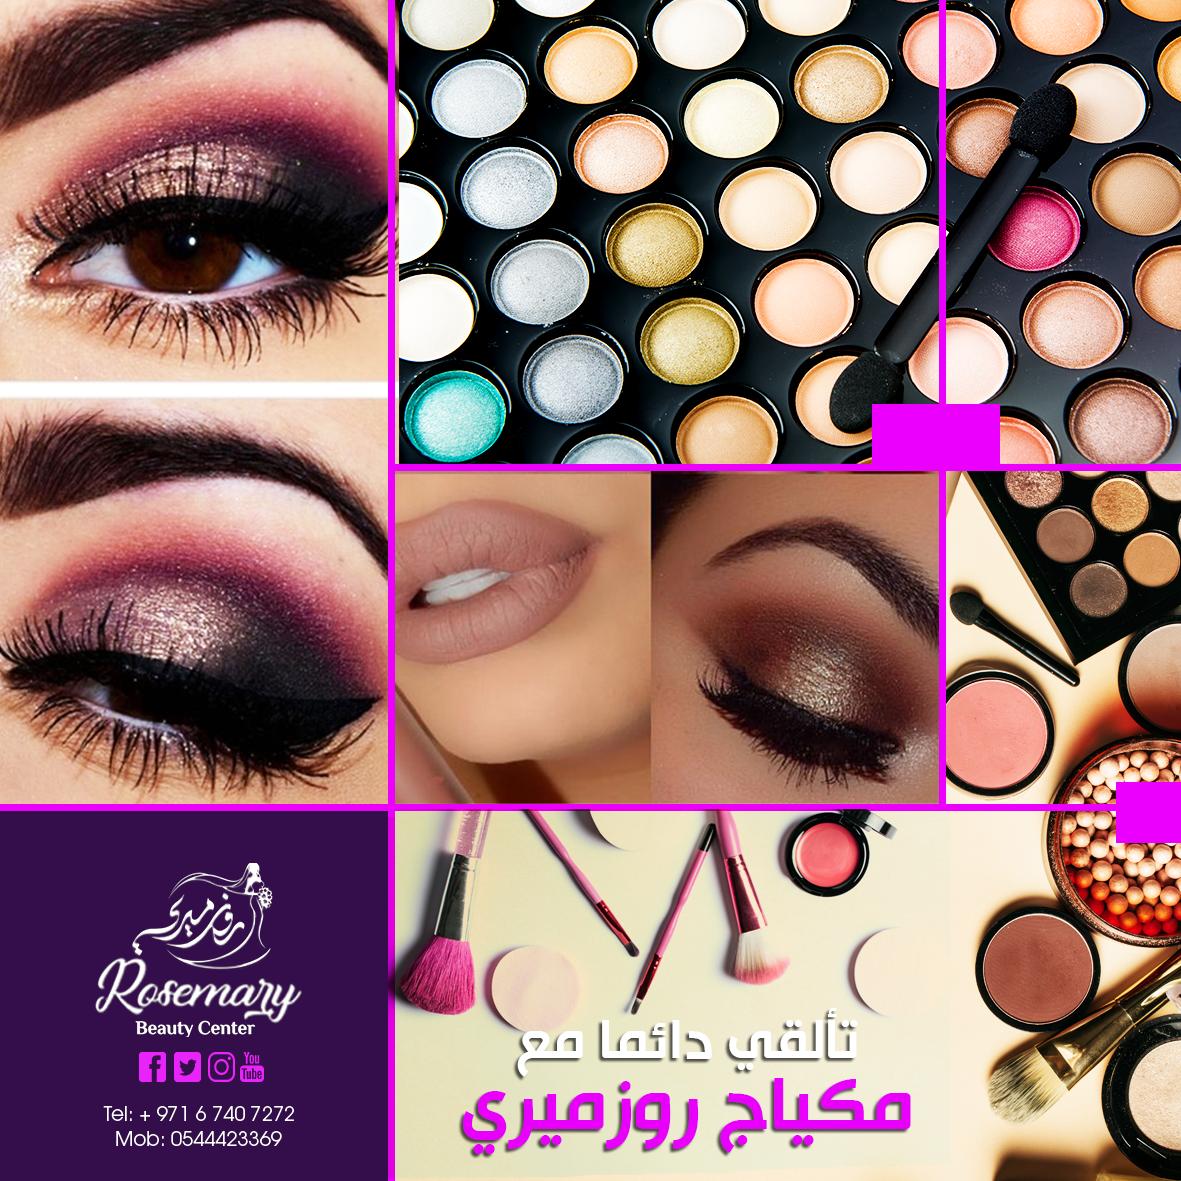 المرأة هي رمز الجمال و الأنوثة الذي كتب عنه الشعراء و مكياج السيدات من أكثر الطرق فعالية في إبراز مميزات ملامح المرأة و رو Graphic Design Makeup Eyeshadow